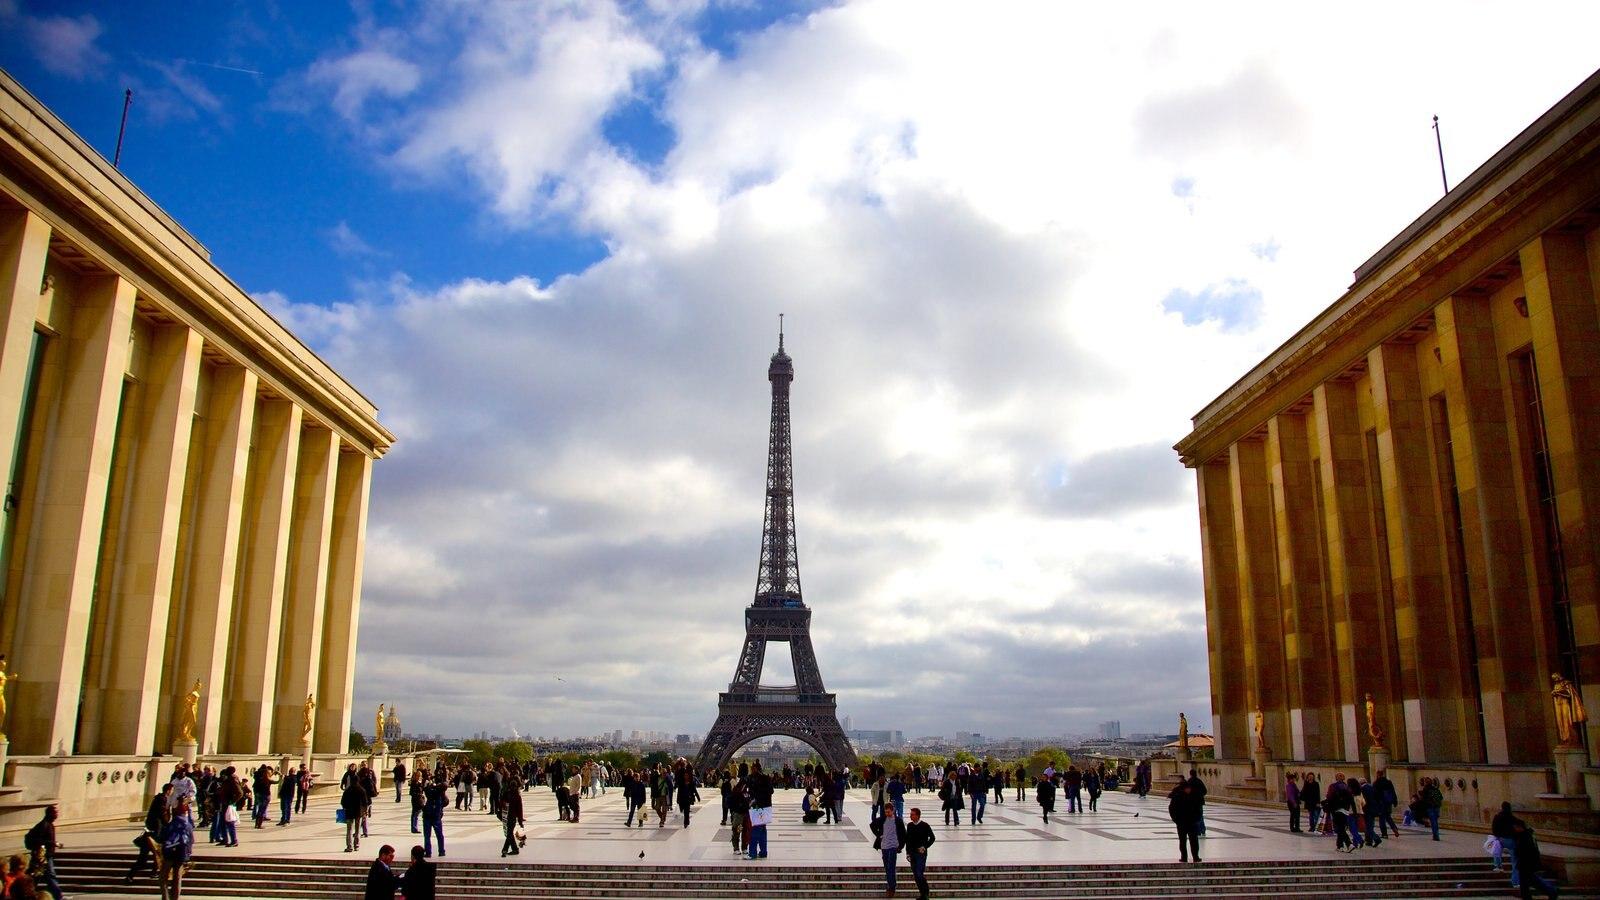 Torre Eiffel caracterizando um monumento e uma praça ou plaza assim como um grande grupo de pessoas